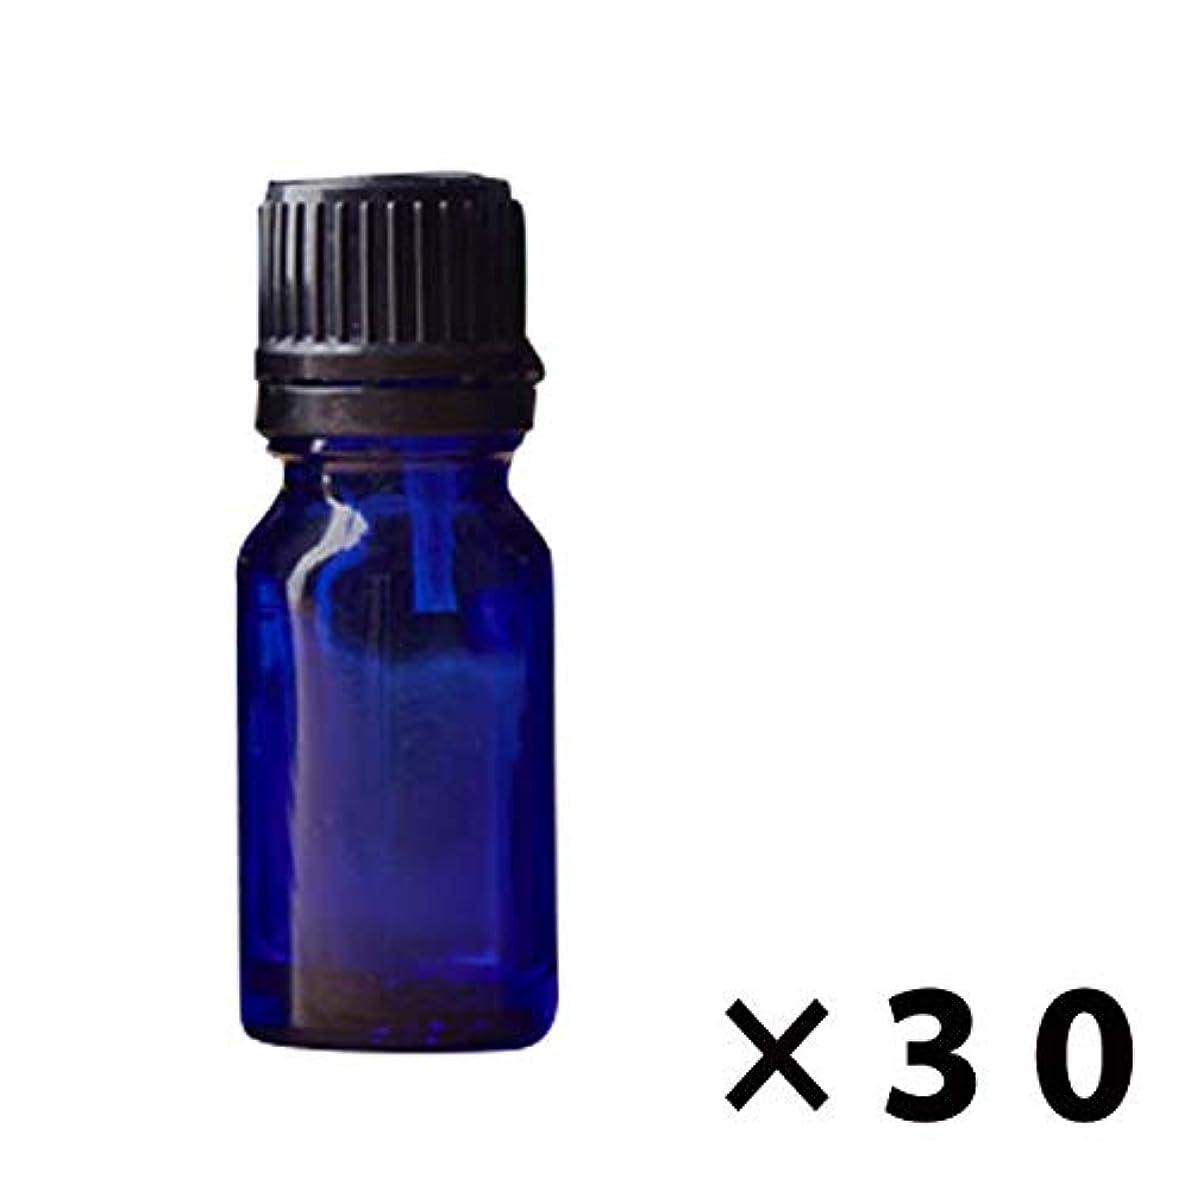 破壊する広々アルネ遮光瓶 30本 アロマオイルボトル ドロッパー付き ブルー アンバー 5ml 10ml 15ml 20ml 30ml 茶色 青 ガラス瓶 アロマ 遮光ビン (ブルー, 10ml)